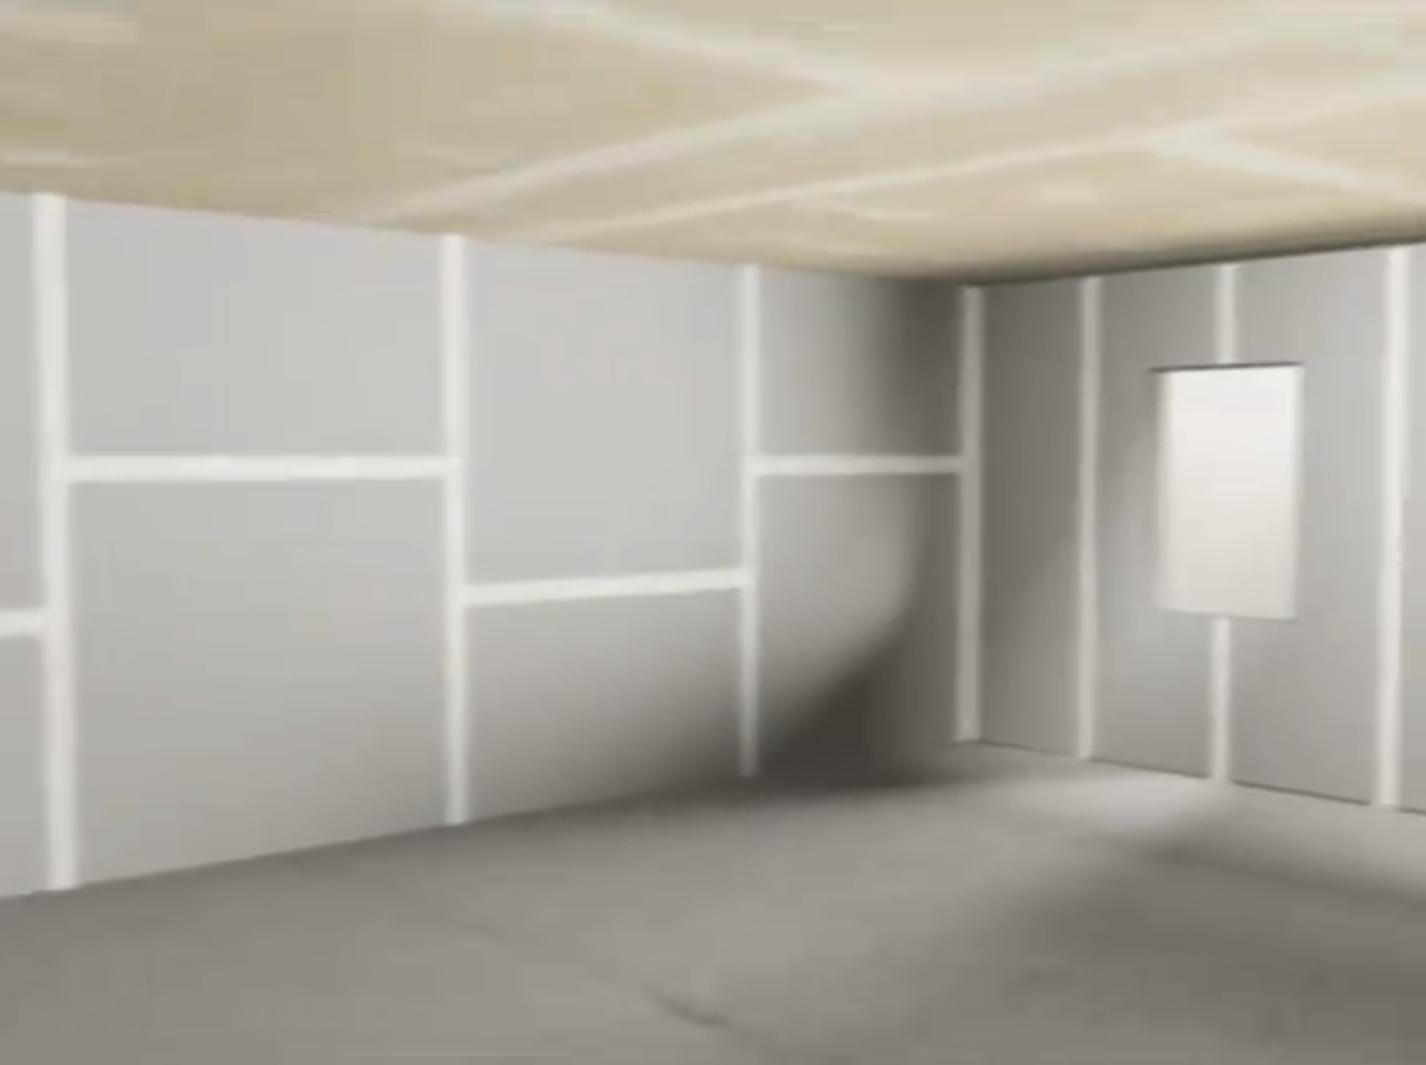 Cappotto termico interno pannelli termoisolanti - Isolamento interno ...